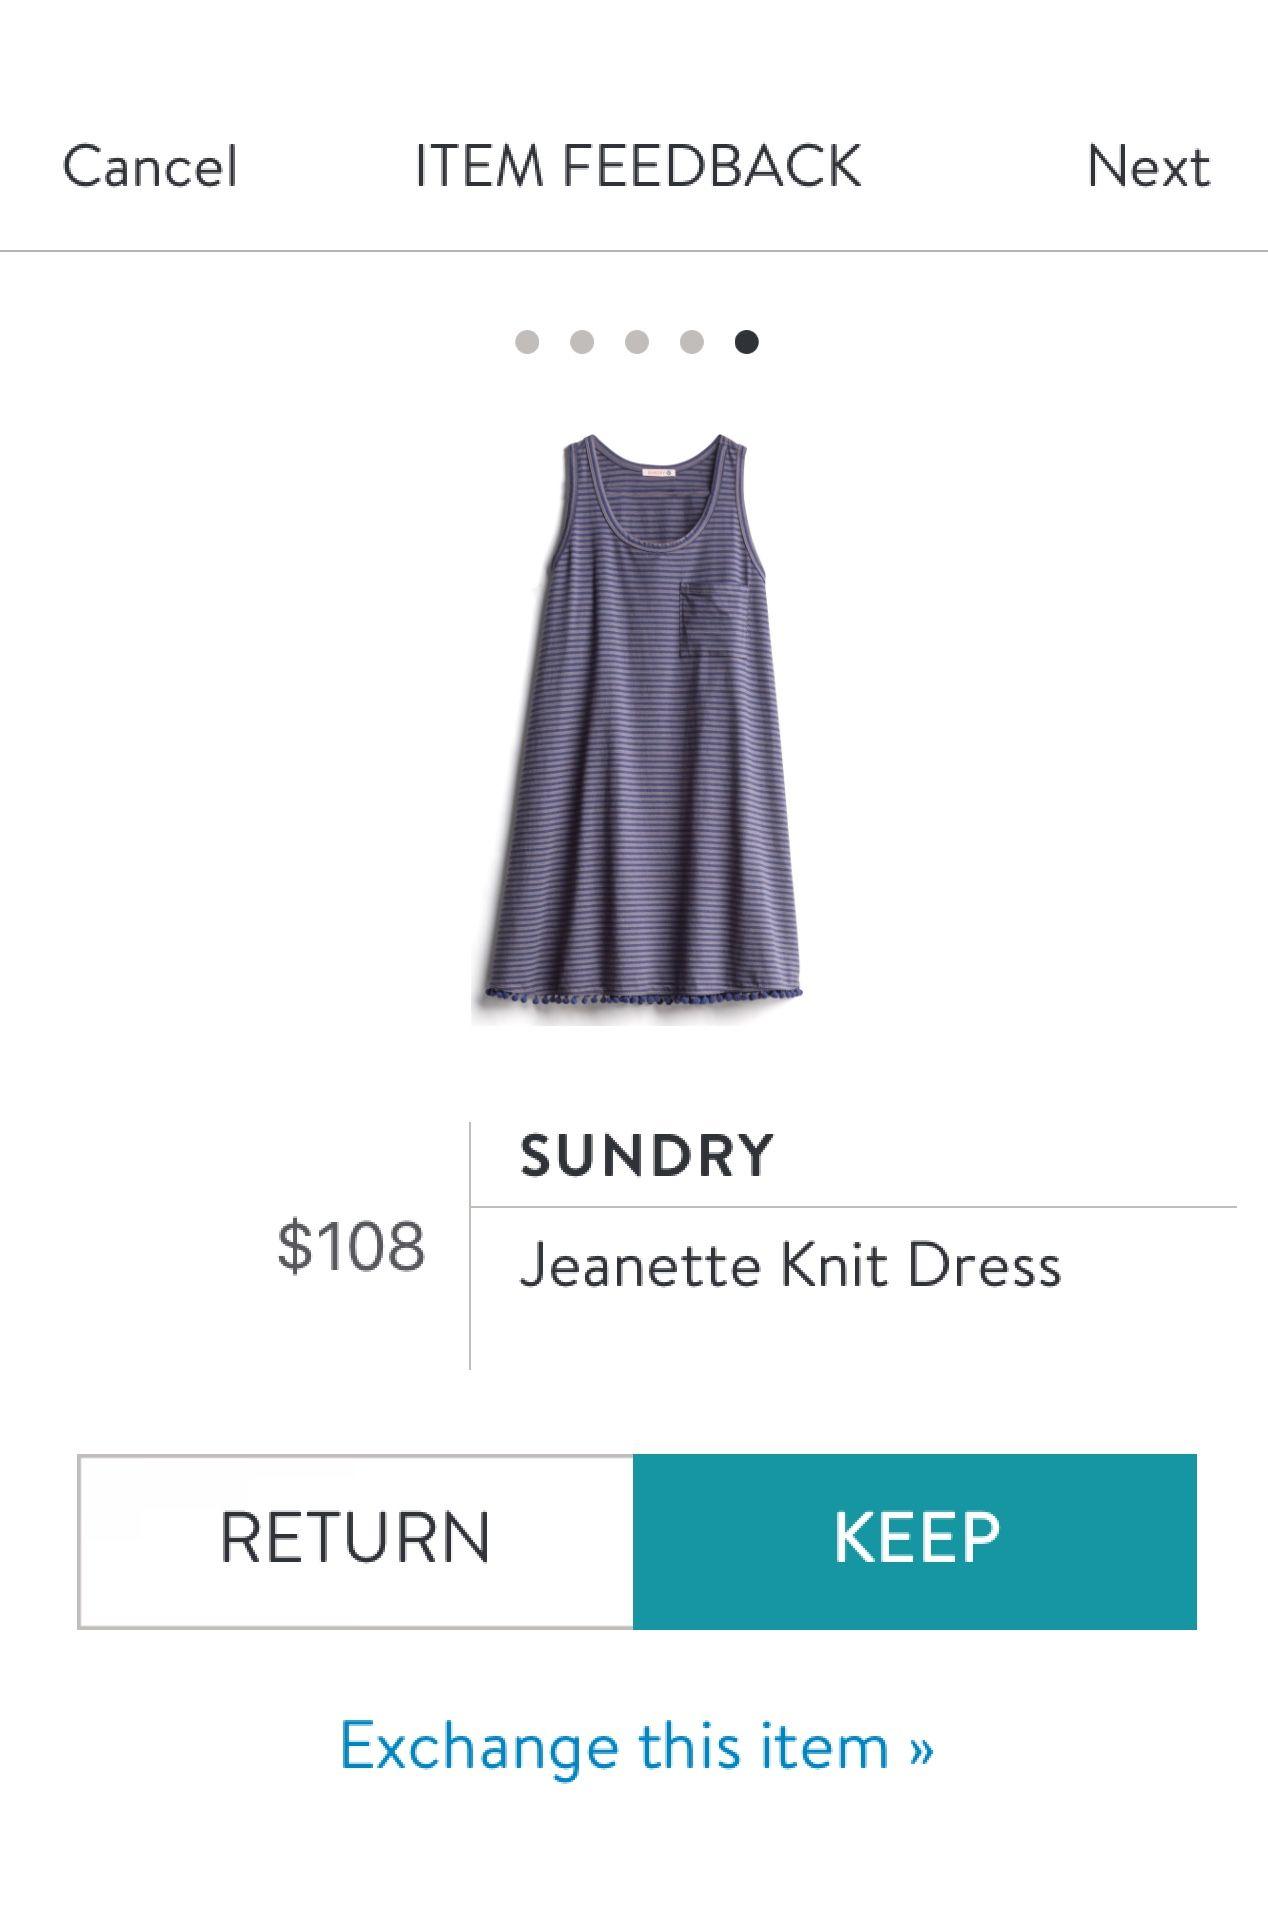 d67195c102 Sundry Jeanette Kit Dress   Stitch Fix inspiration in 2019   Stitch ...